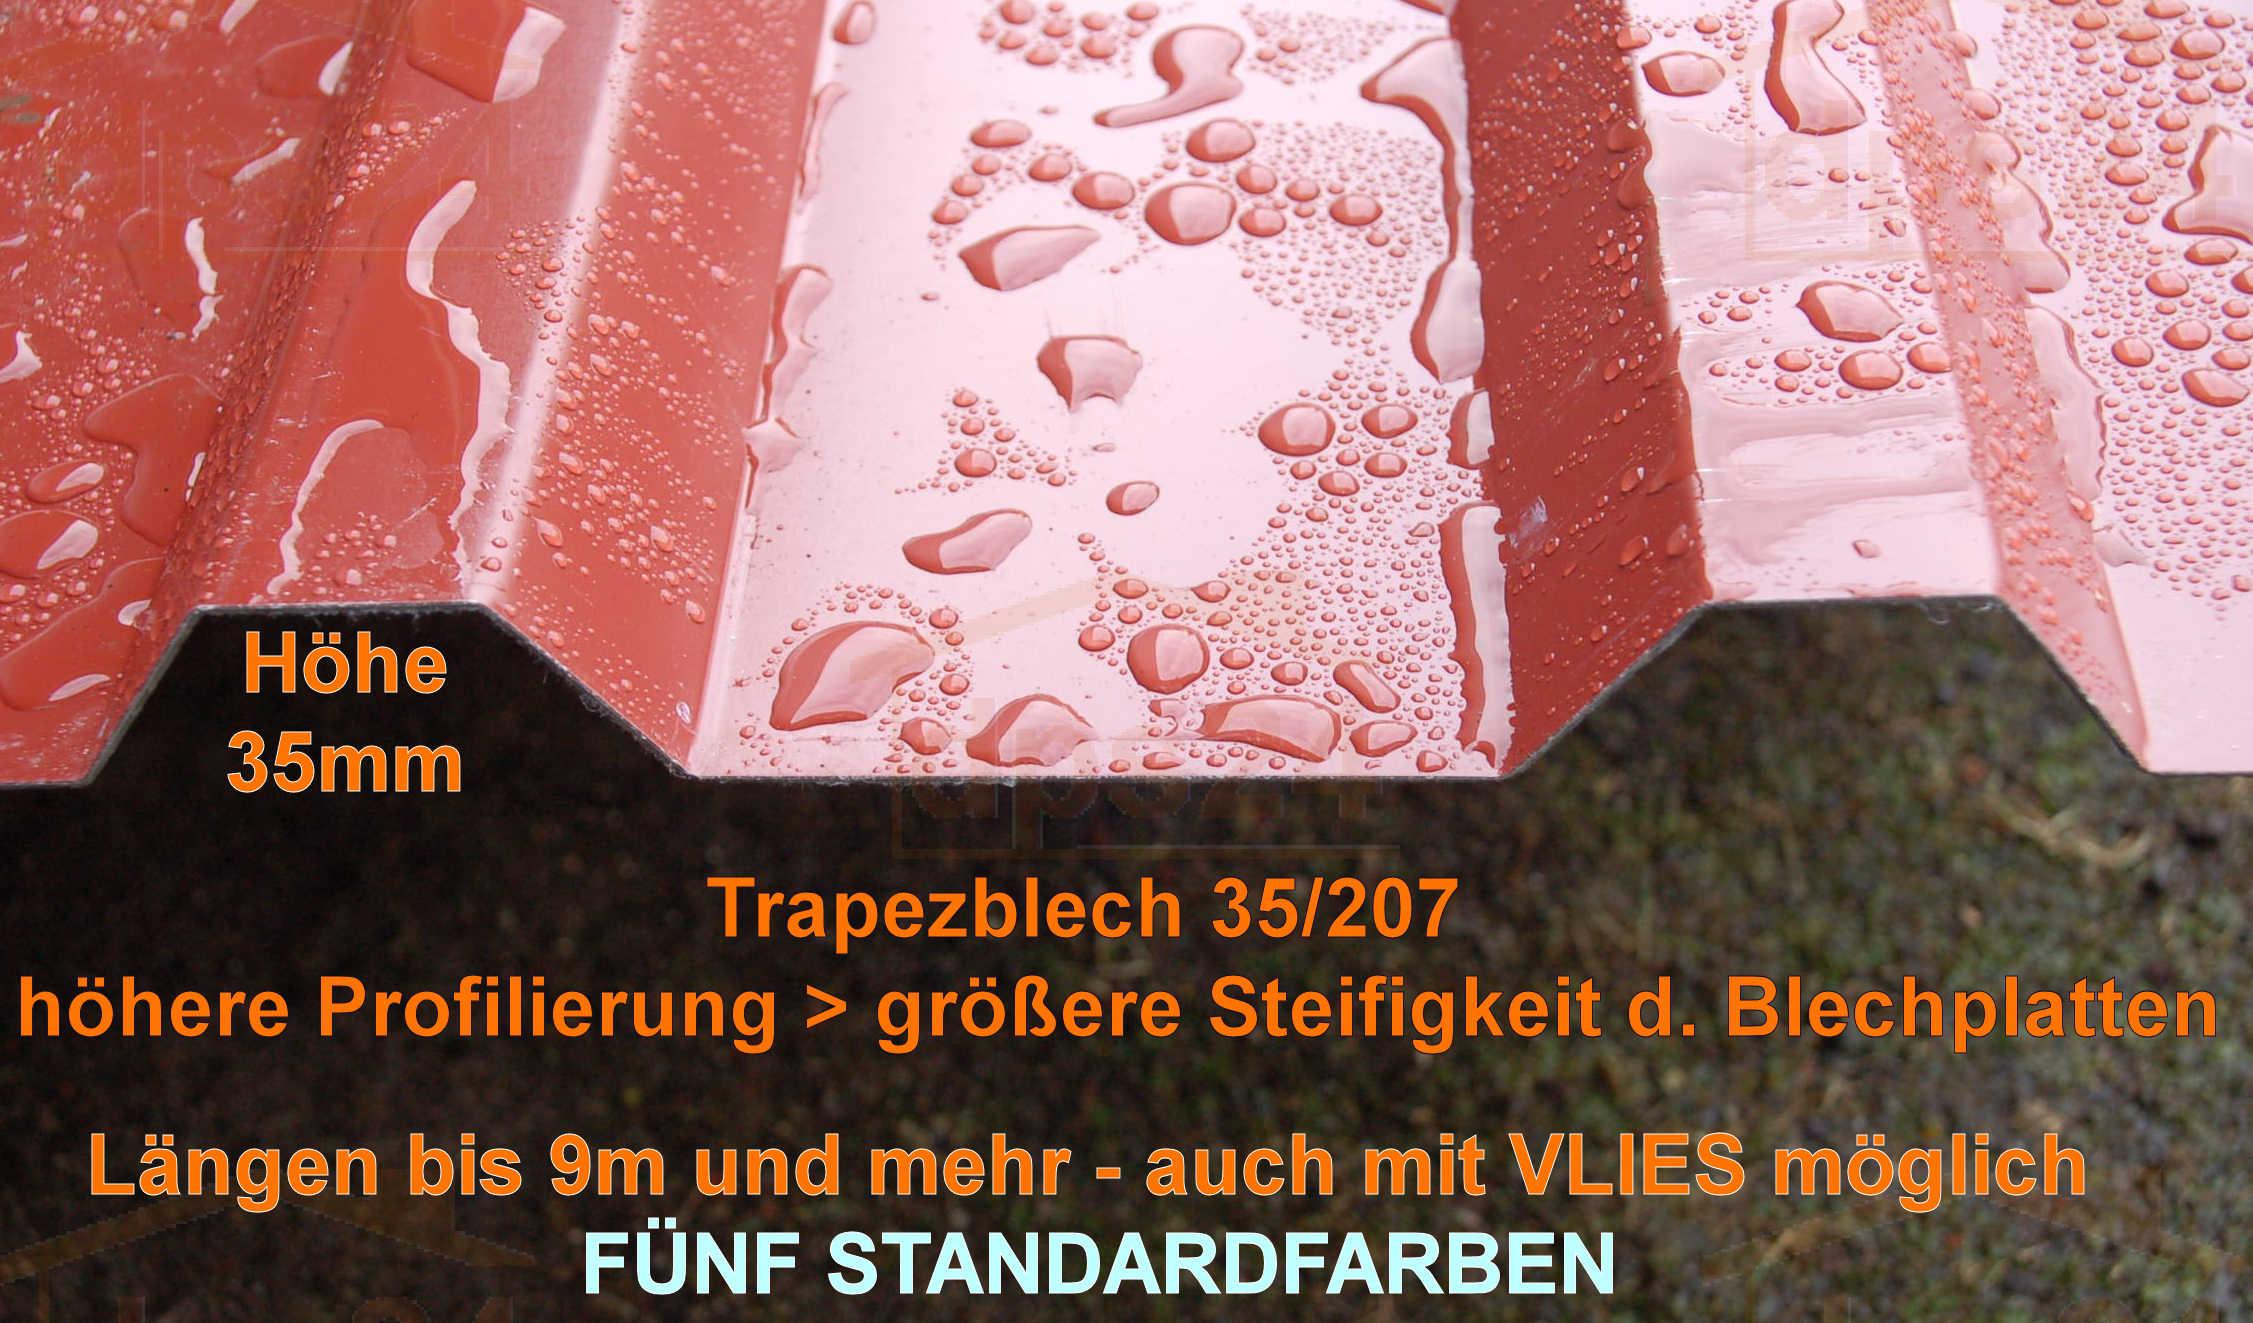 trapezblech hohes profil 35 207 soposten mit vlies in sonderposten stahlblech der. Black Bedroom Furniture Sets. Home Design Ideas